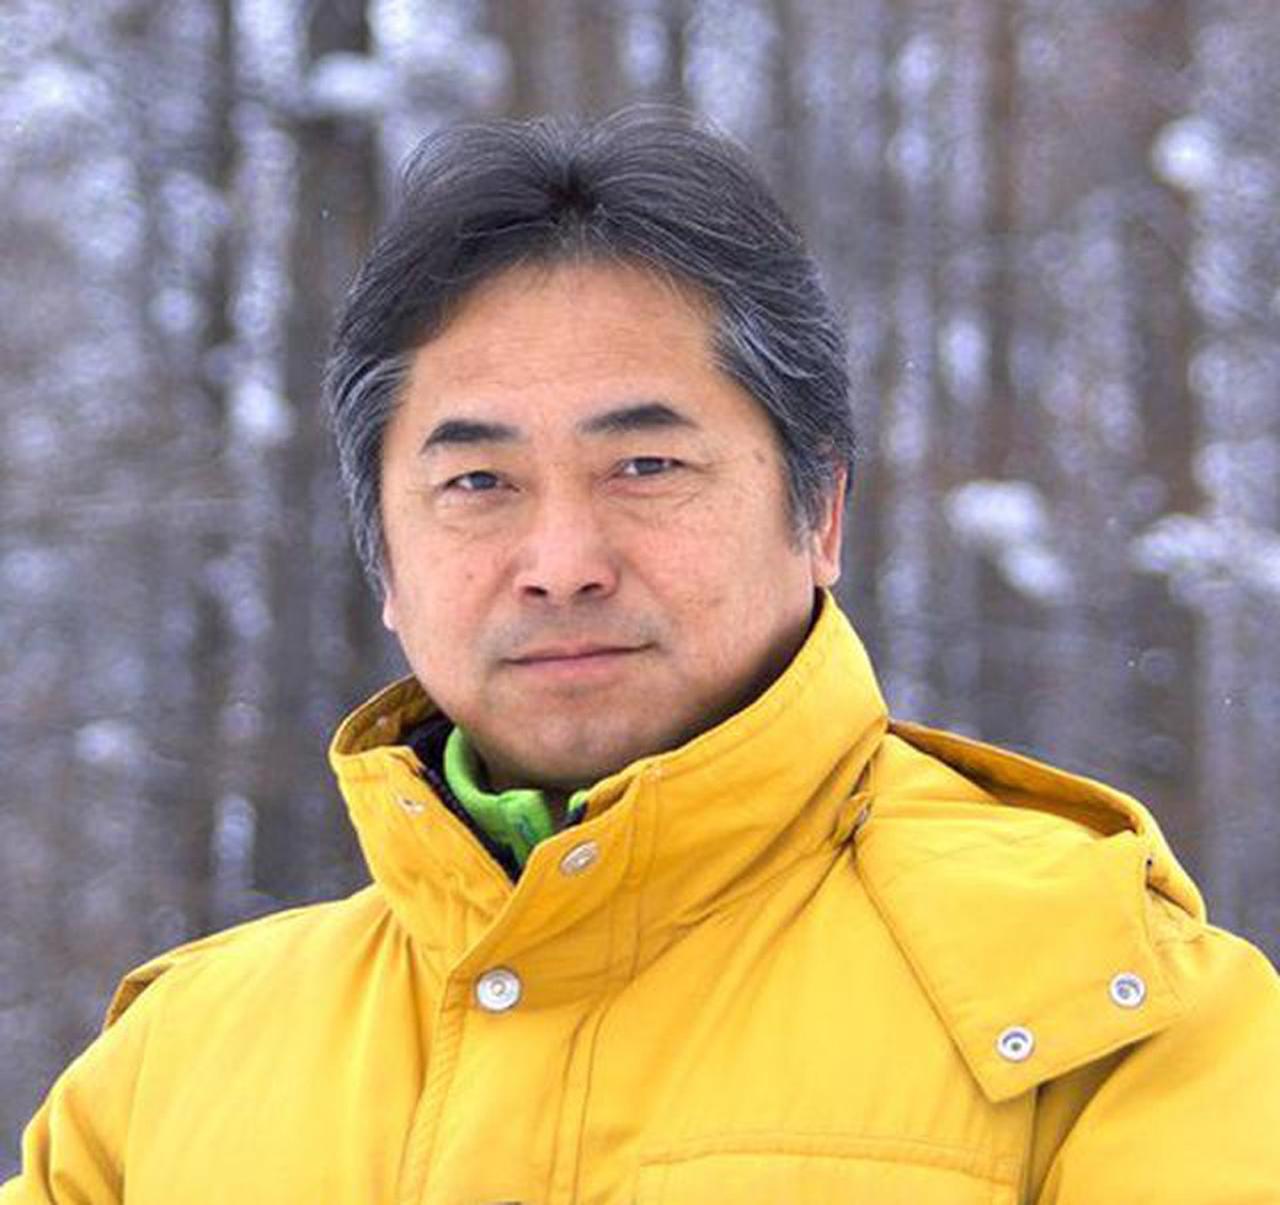 画像: 1959年、北海道生まれ。大学時代より北海道の山を中心に撮影を始める。1996年上富良野町に「NORTH LAND GALLERY」オープン。同時に写真家として独立し現在に至る。丘をはじめとする美瑛・富良野の自然風景を独自の感性で表現し続けている。写真集「風雅」「サンピラー」など著書は70冊以上に及ぶ。